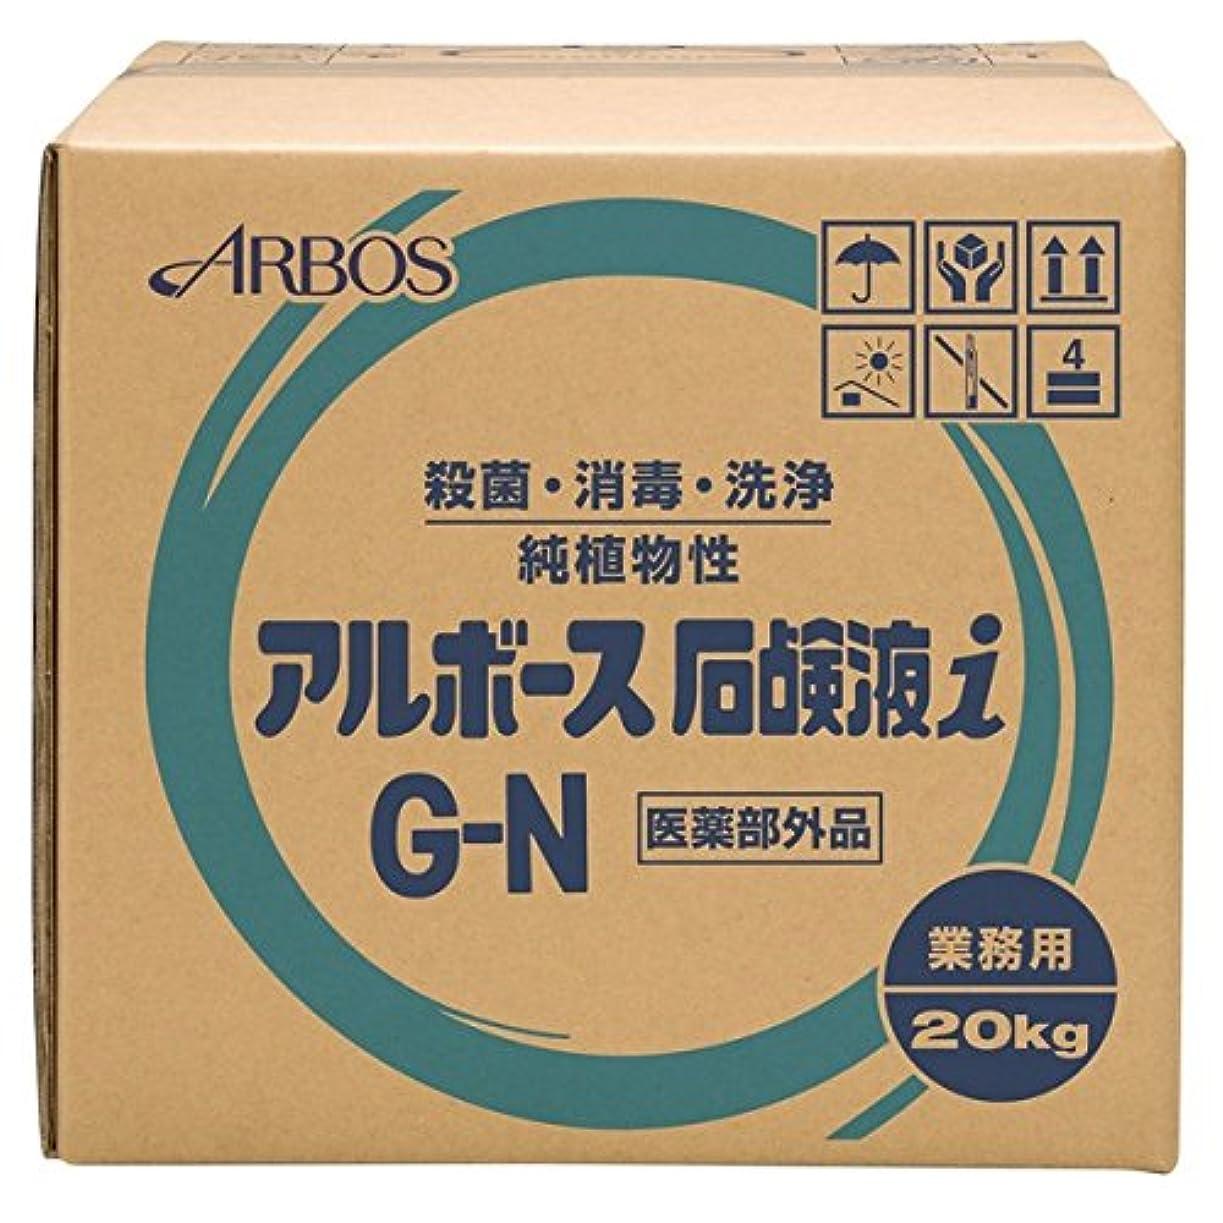 ハシー反乱ハシーアルボース 薬用ハンドソープ アルボース石鹸液i G-N 濃縮タイプ 20kg